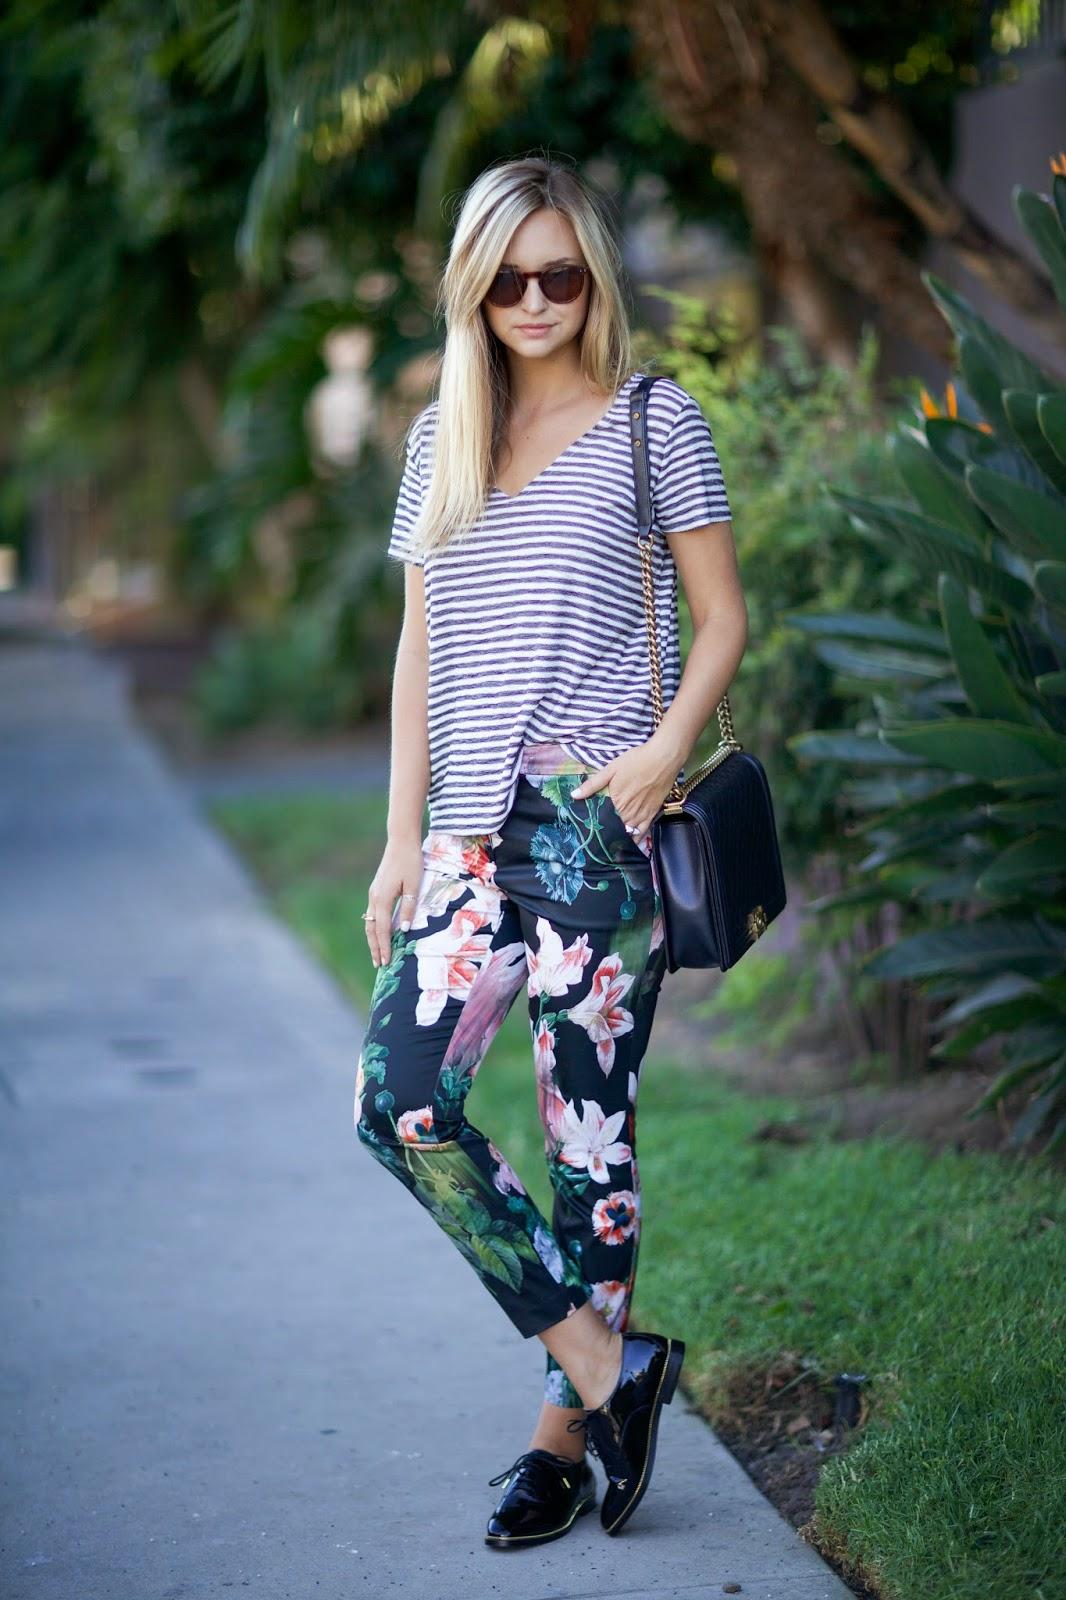 moda fin de semana 2017 blusa a rayas pantalón de flores